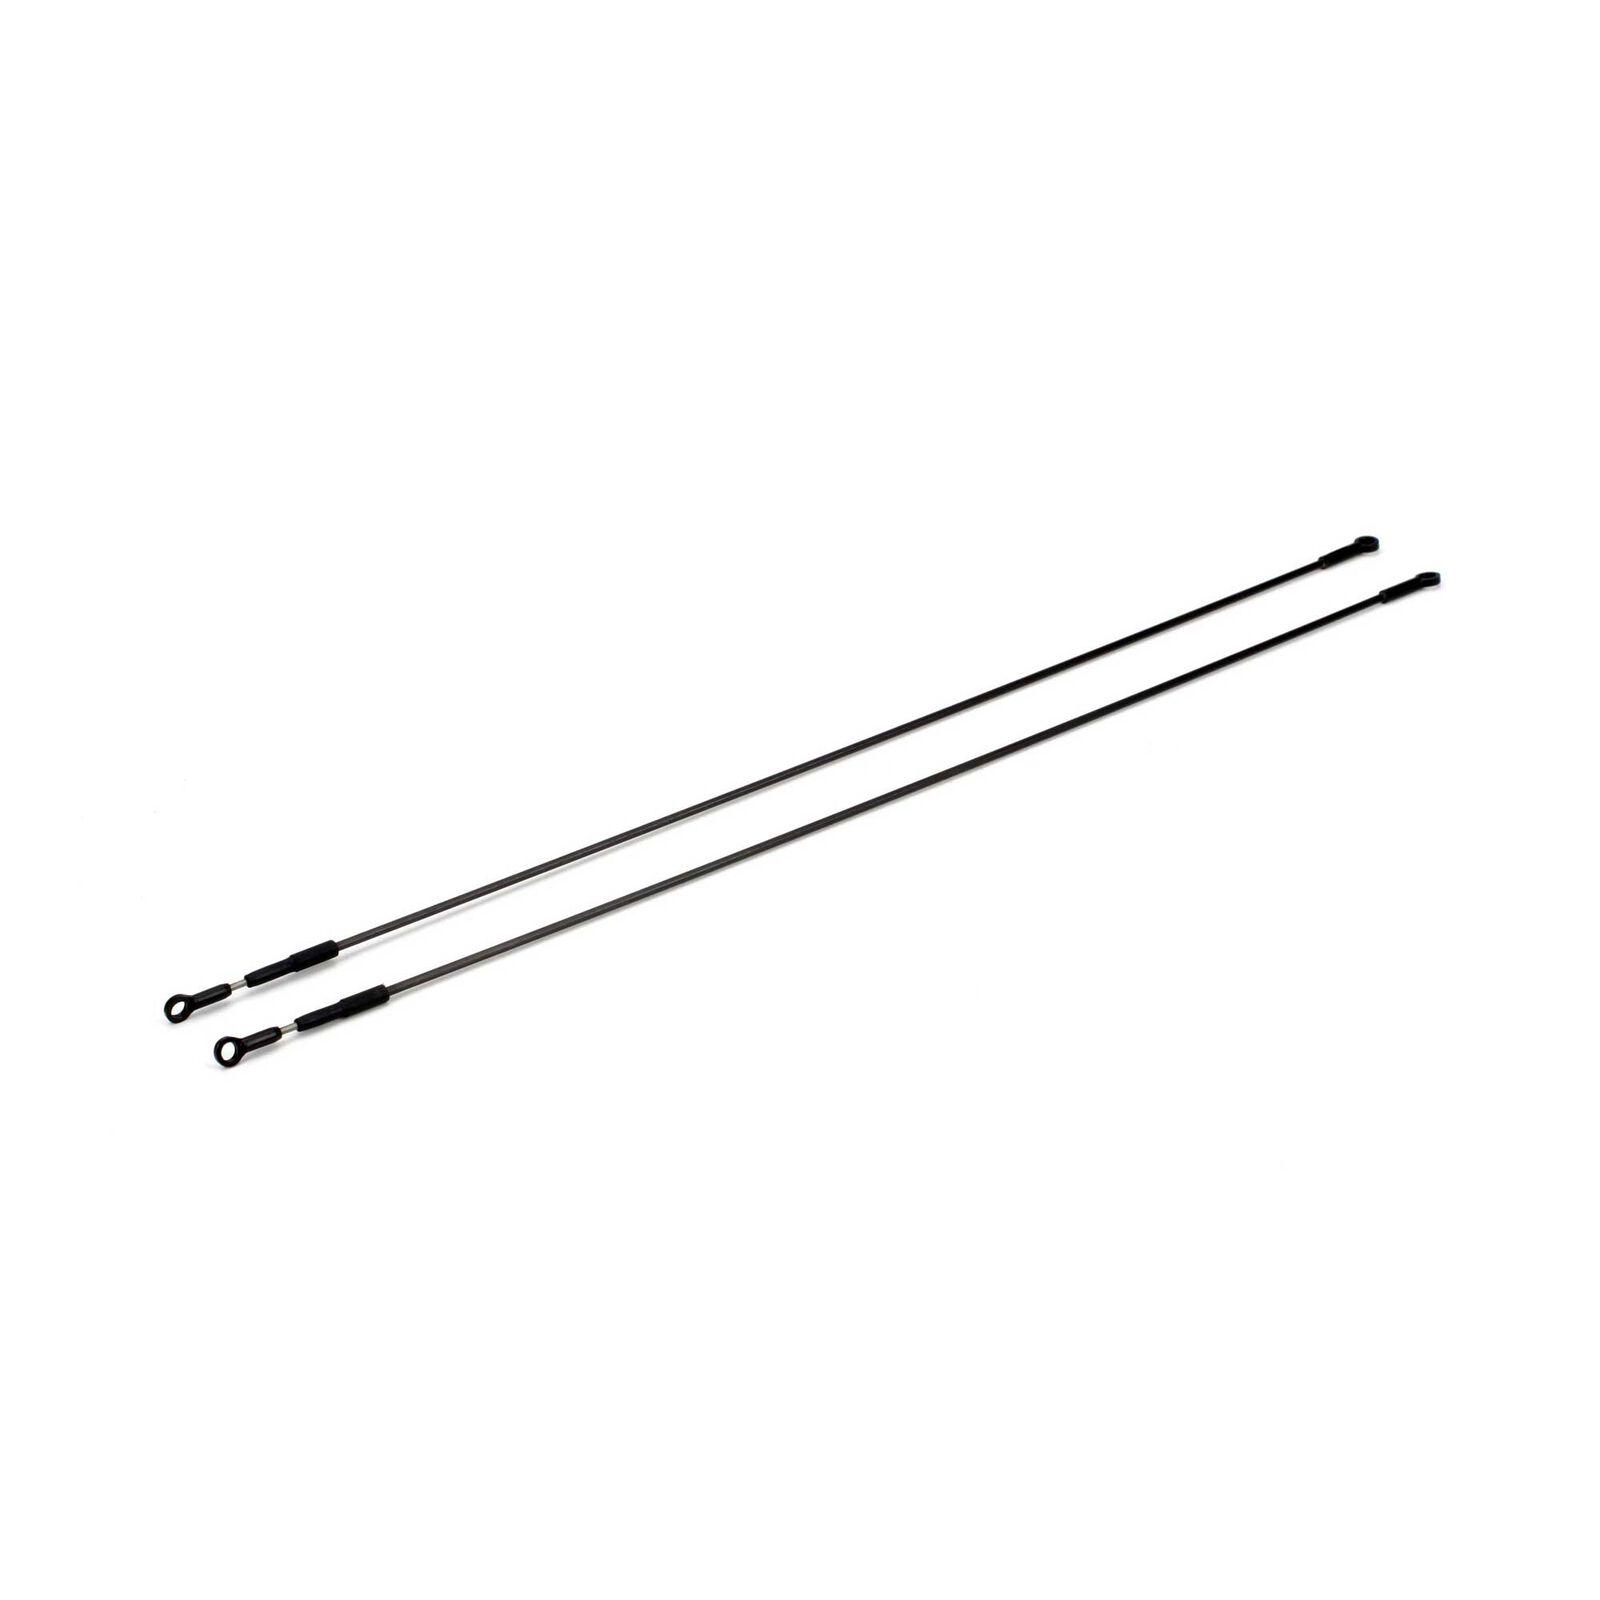 Tail Linkage/Pushrod set (2): B450, 330X, 330S